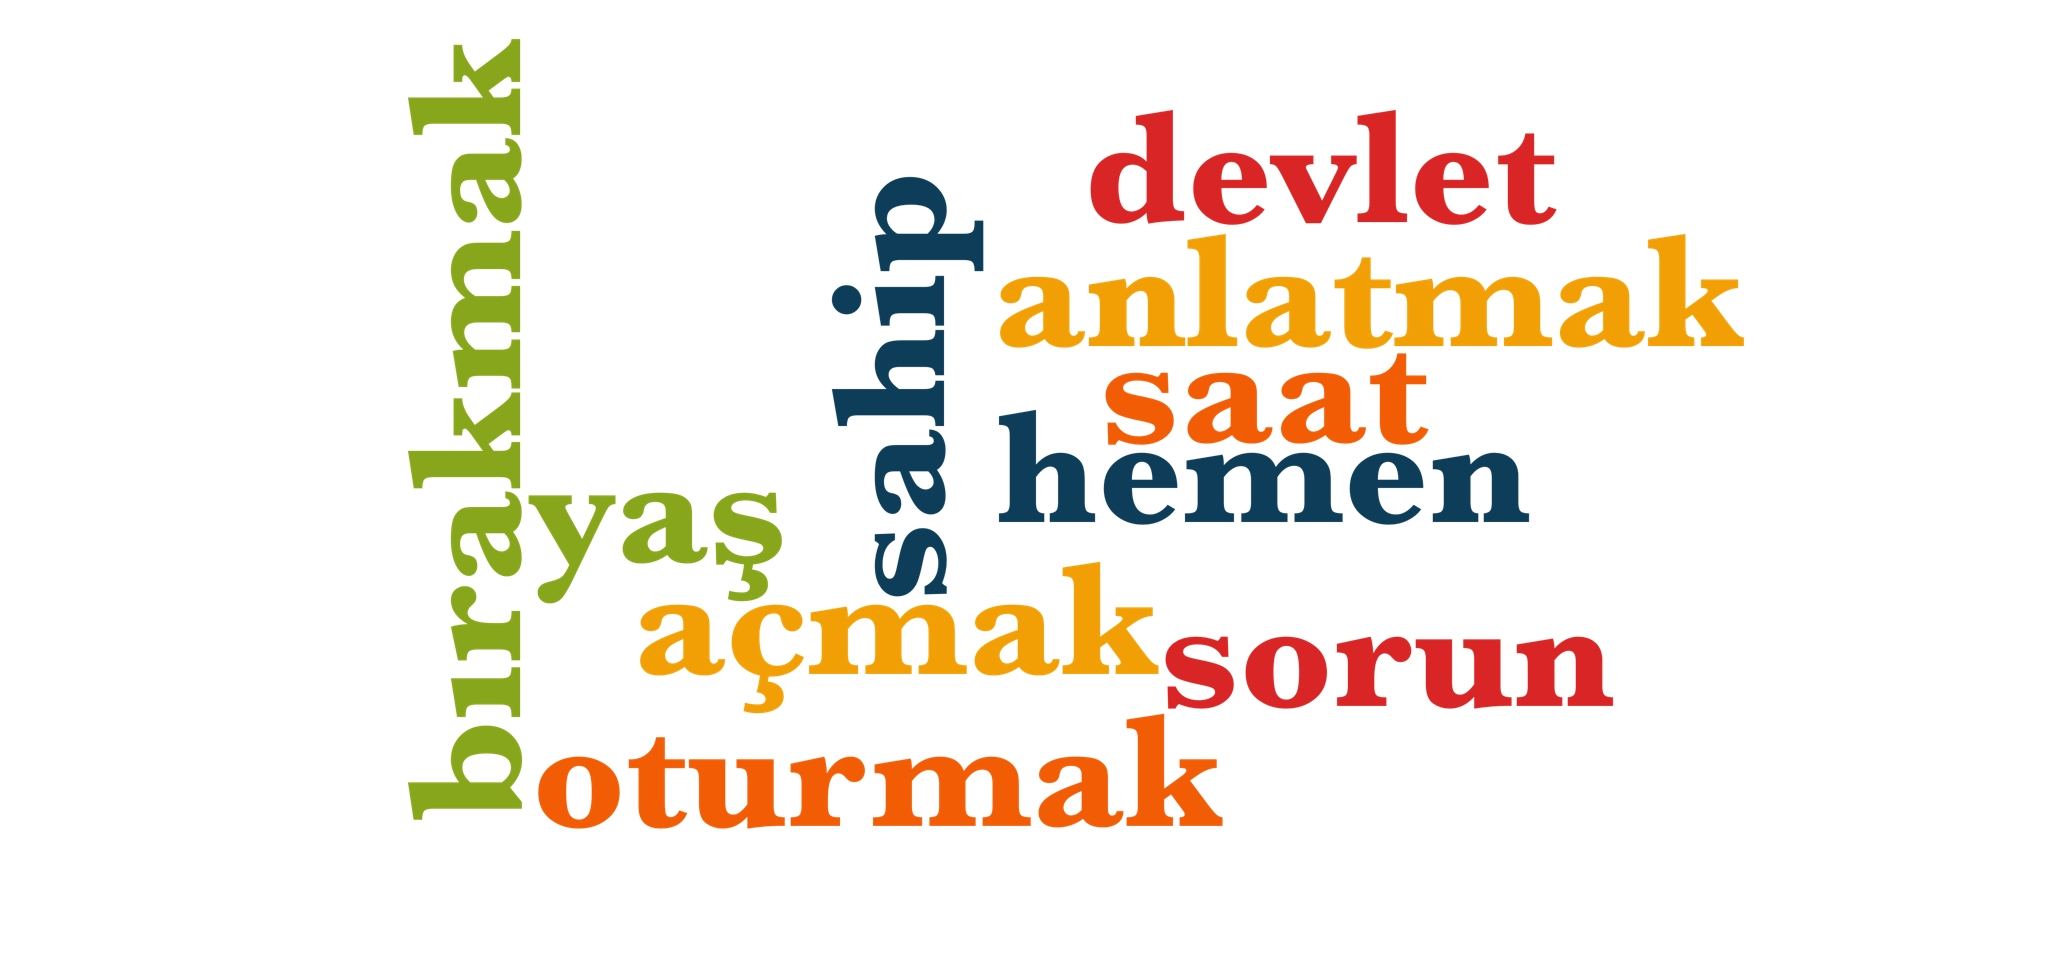 Wörter 151 bis 160 der 1000 häufigsten Wörter der türkischen Sprache